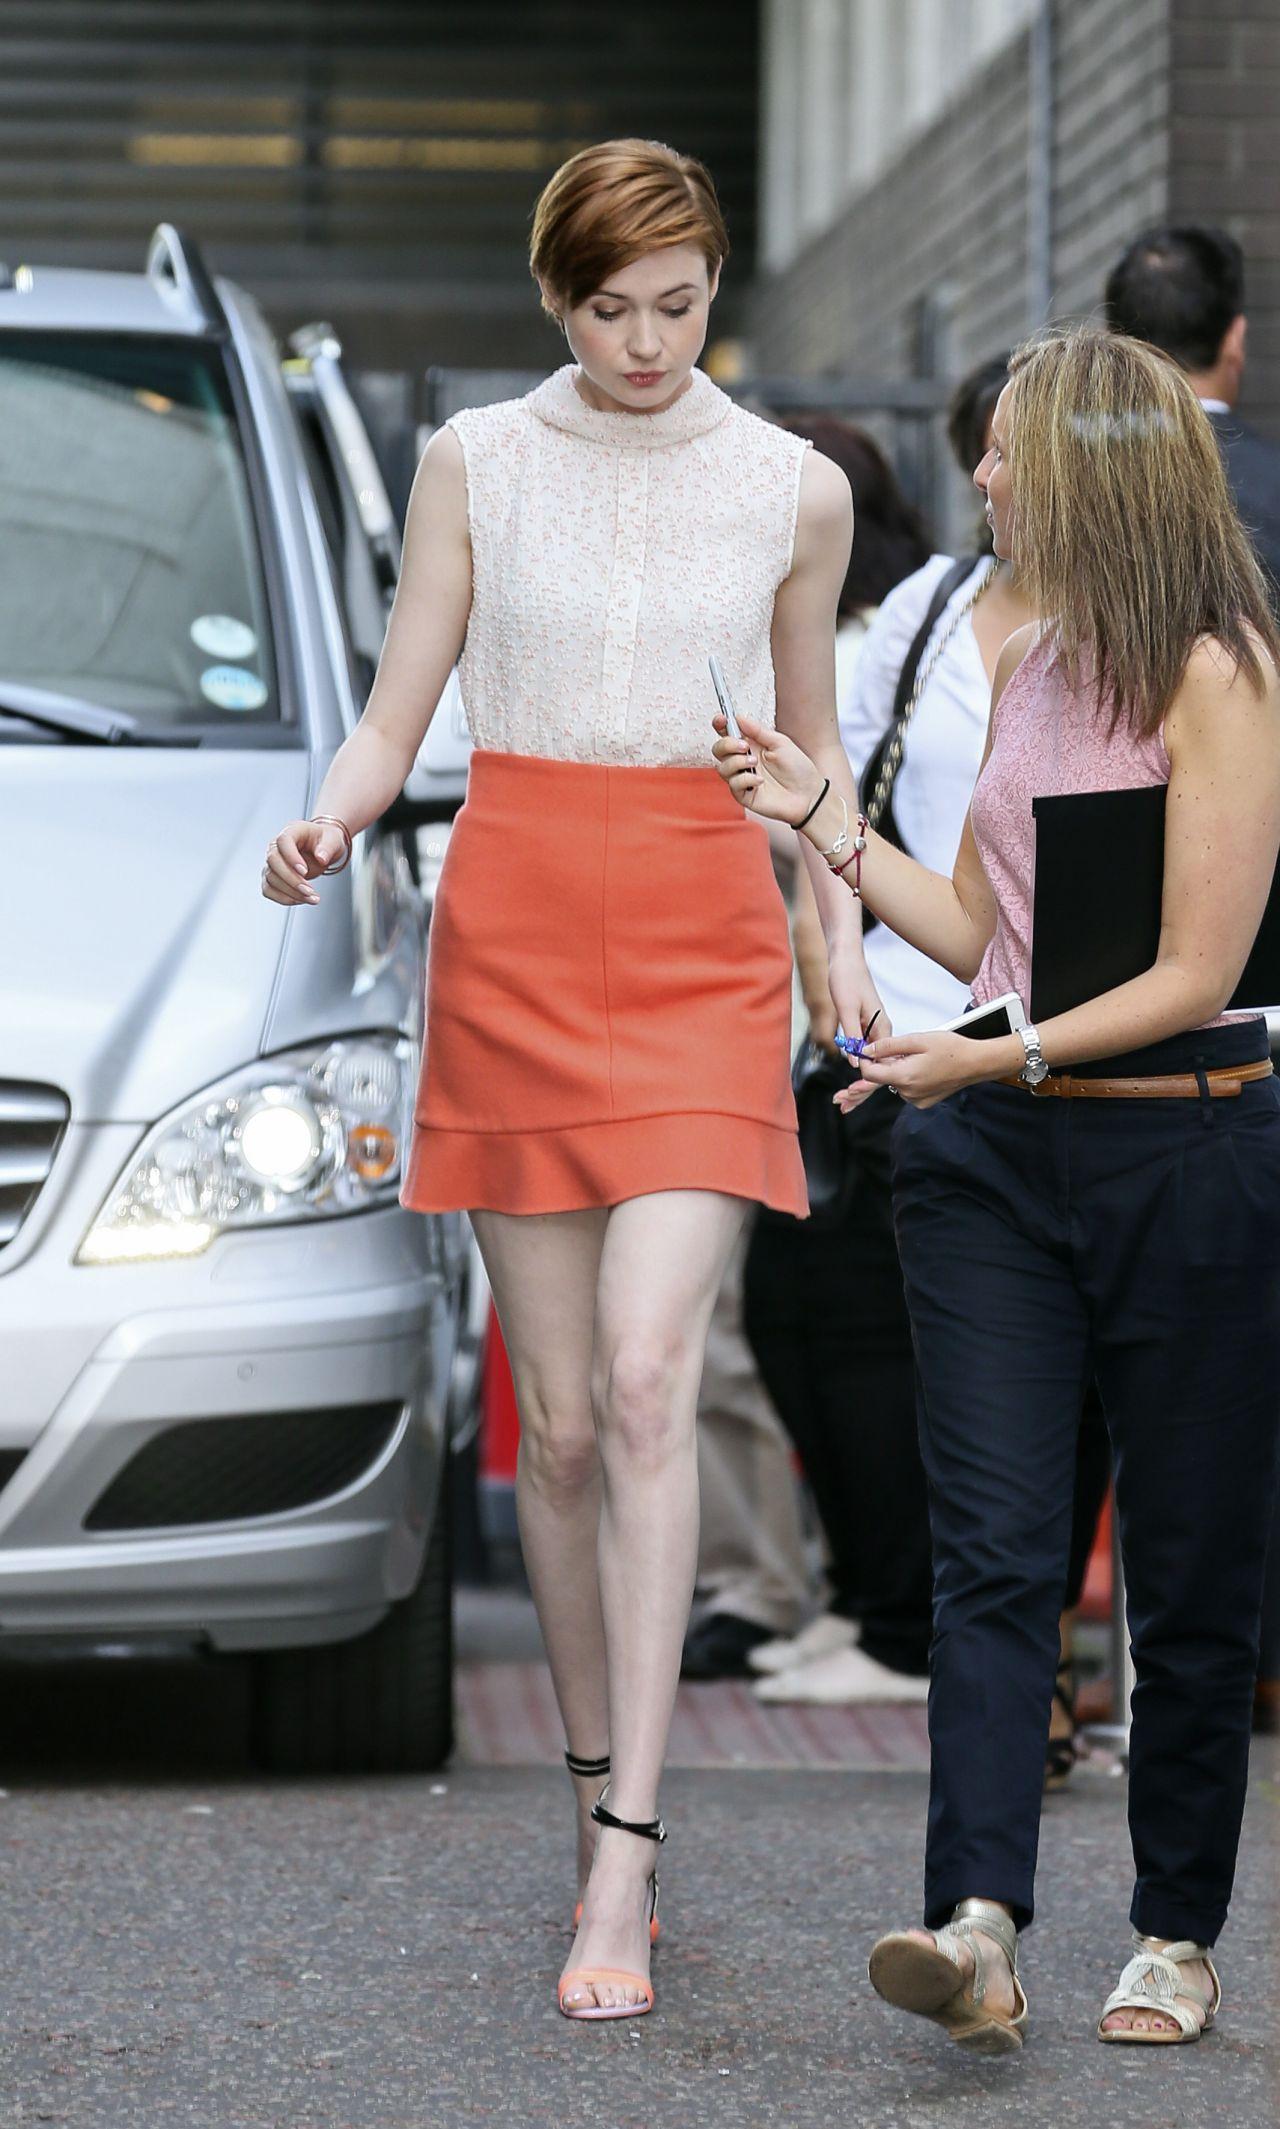 Karen Gillan Shows Off Her Legs Leaving Itv Studios In